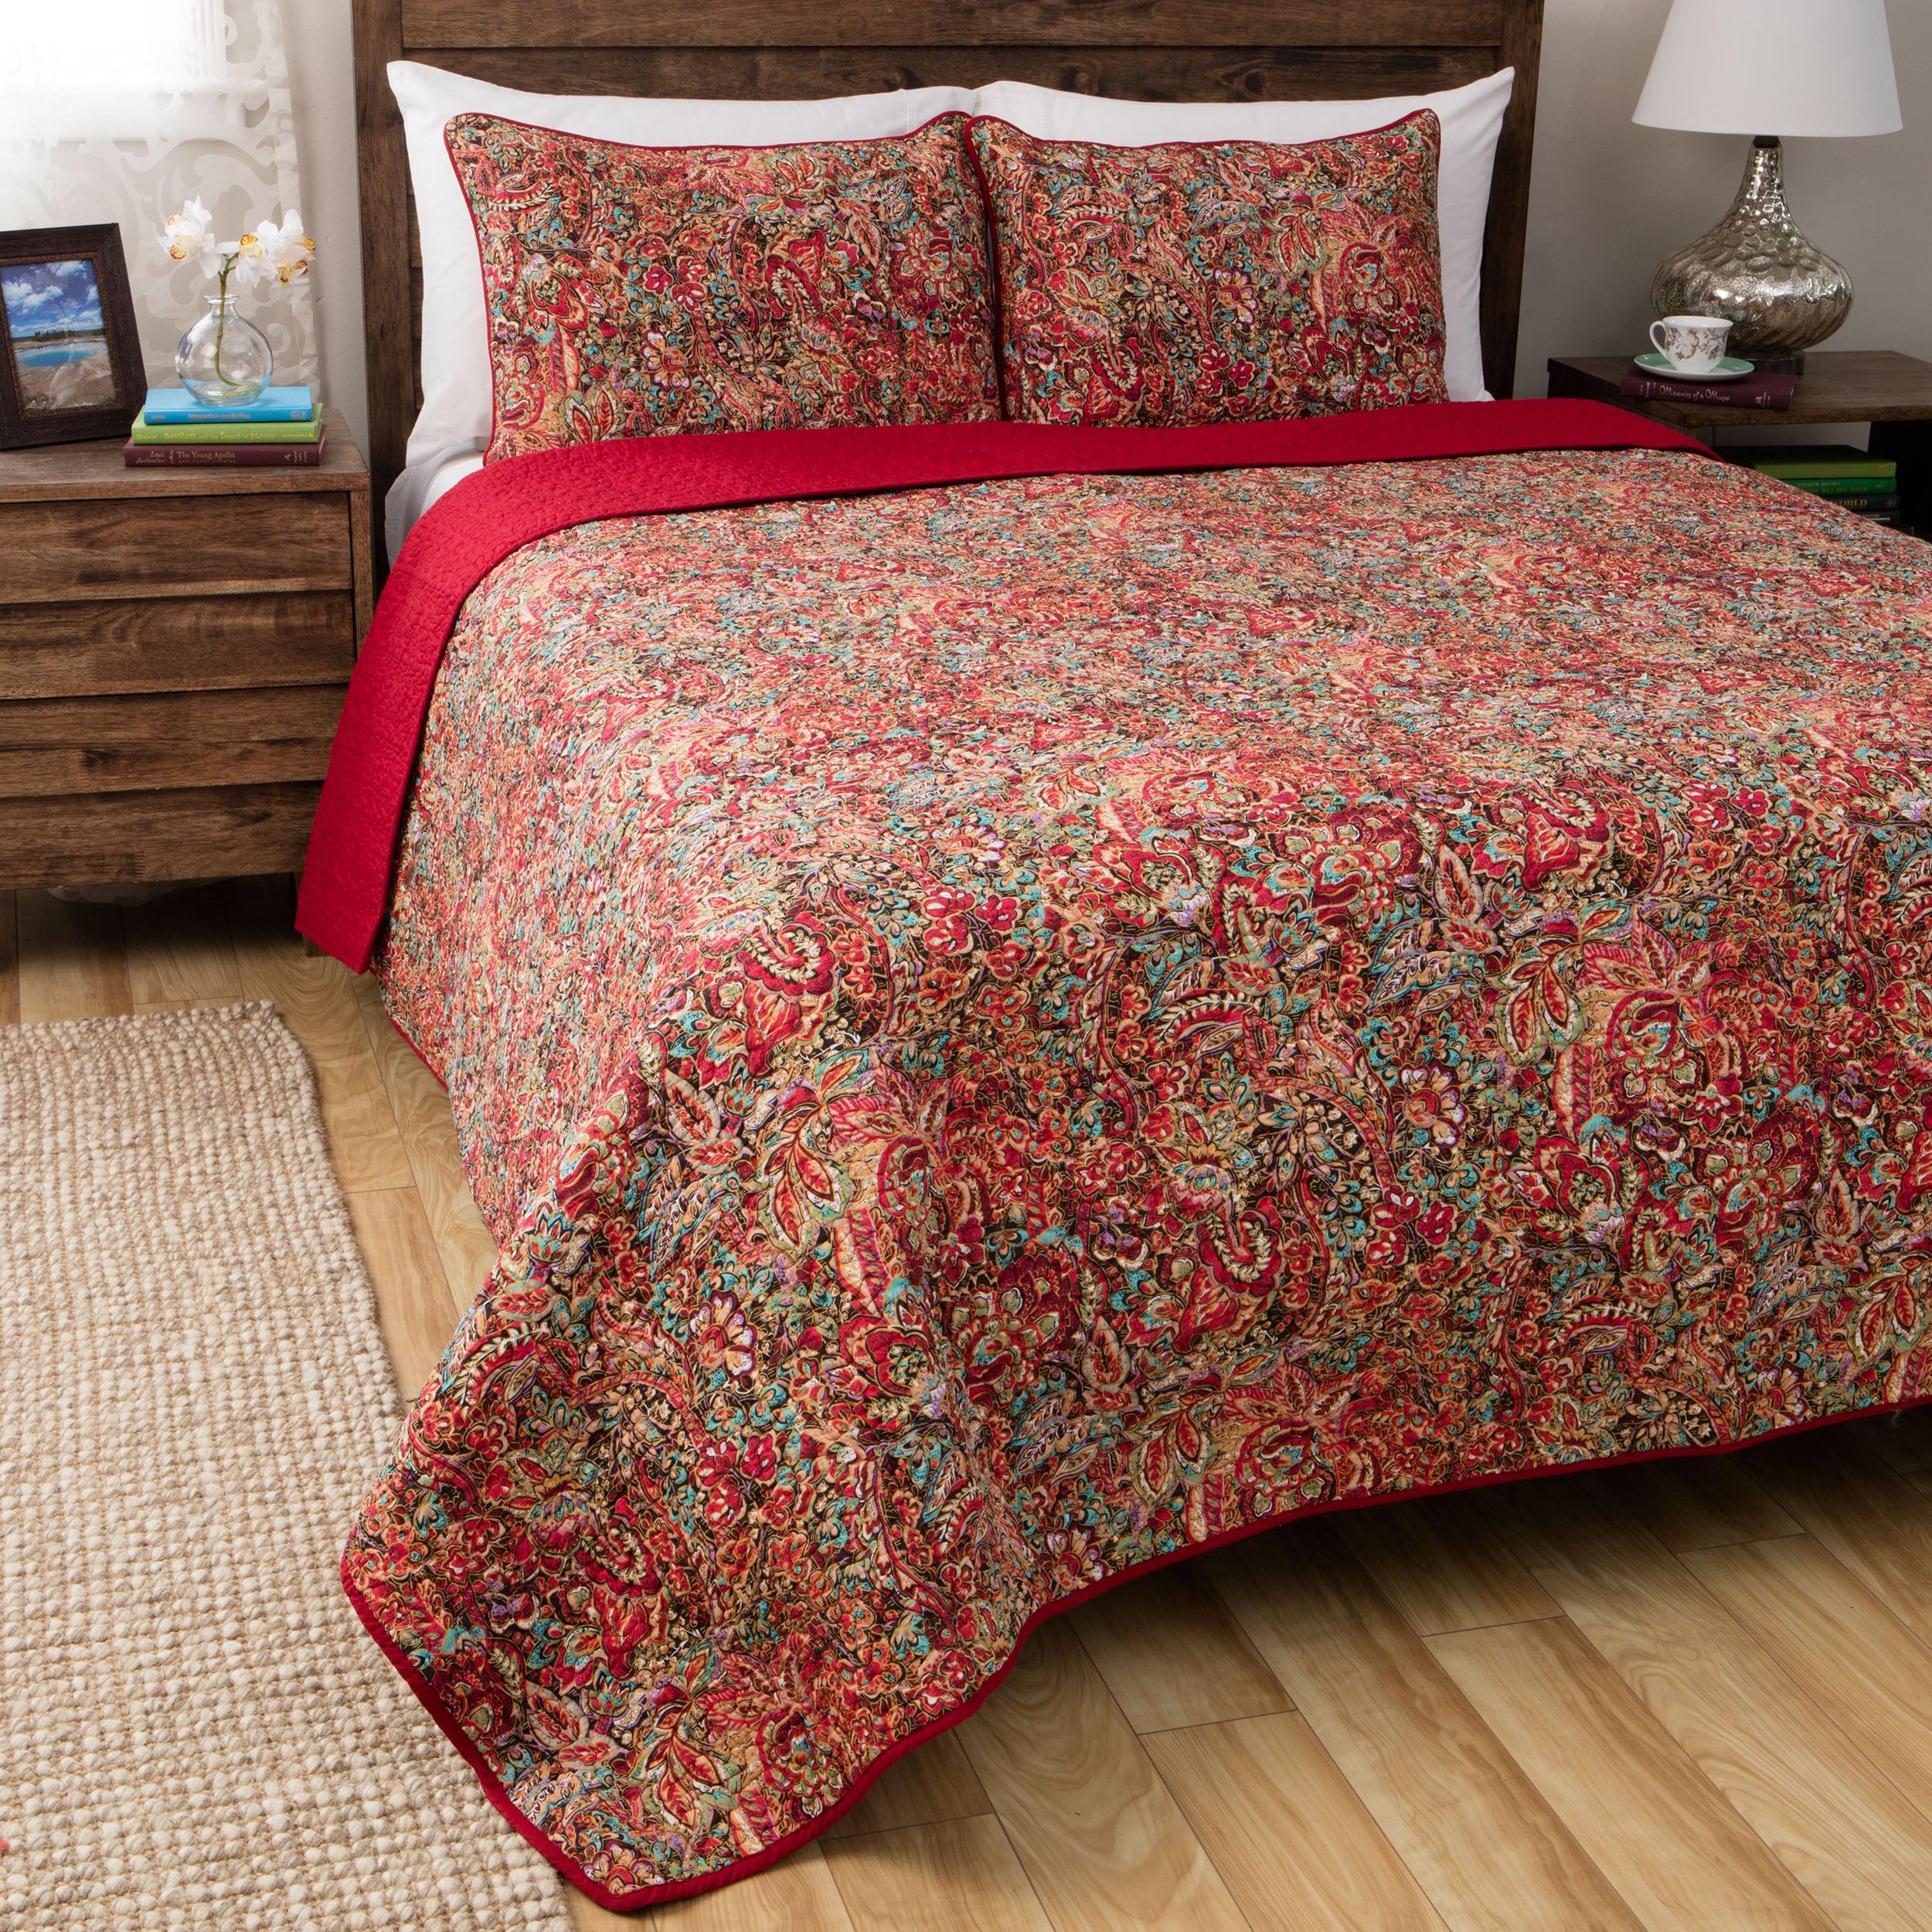 Shop Greenland Home Fashions Persian Multicolored Cotton 3-piece ...